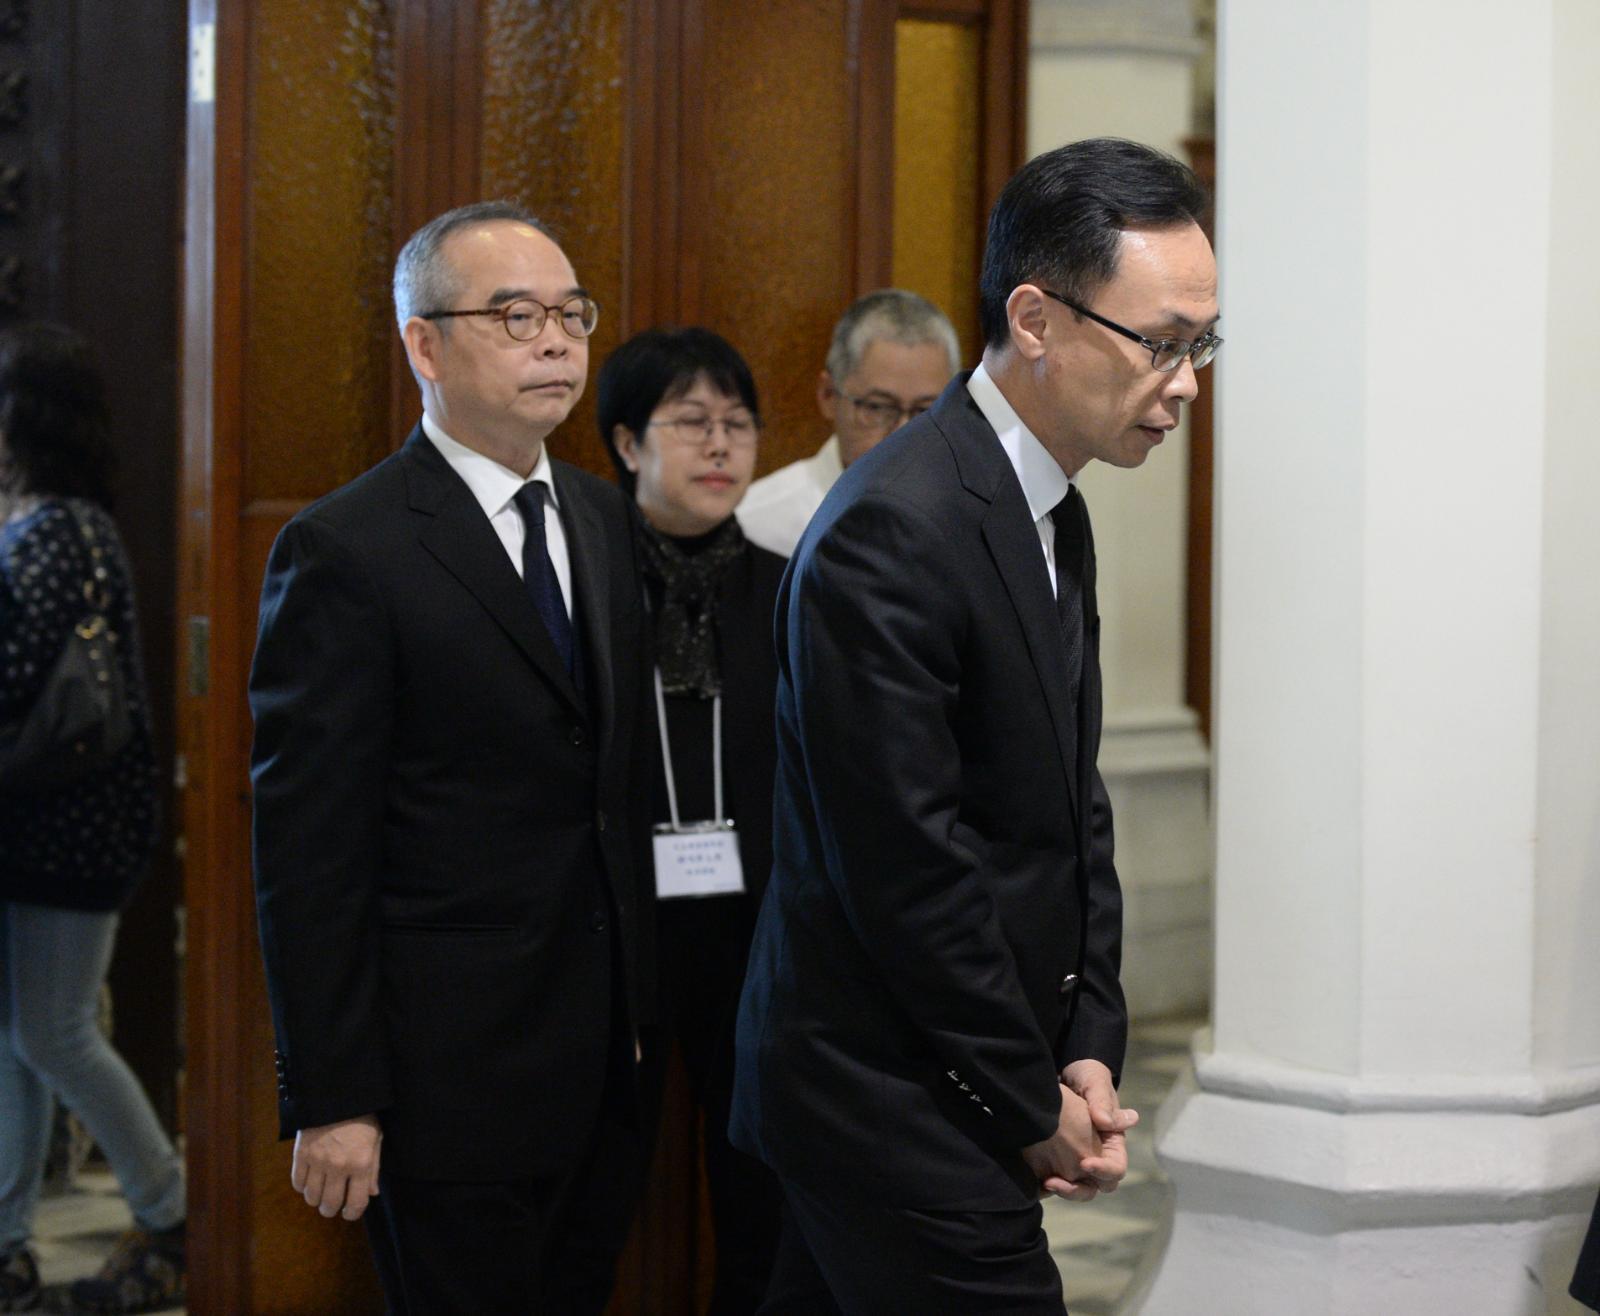 劉江華(左)和聶德權(右)出席儀式。